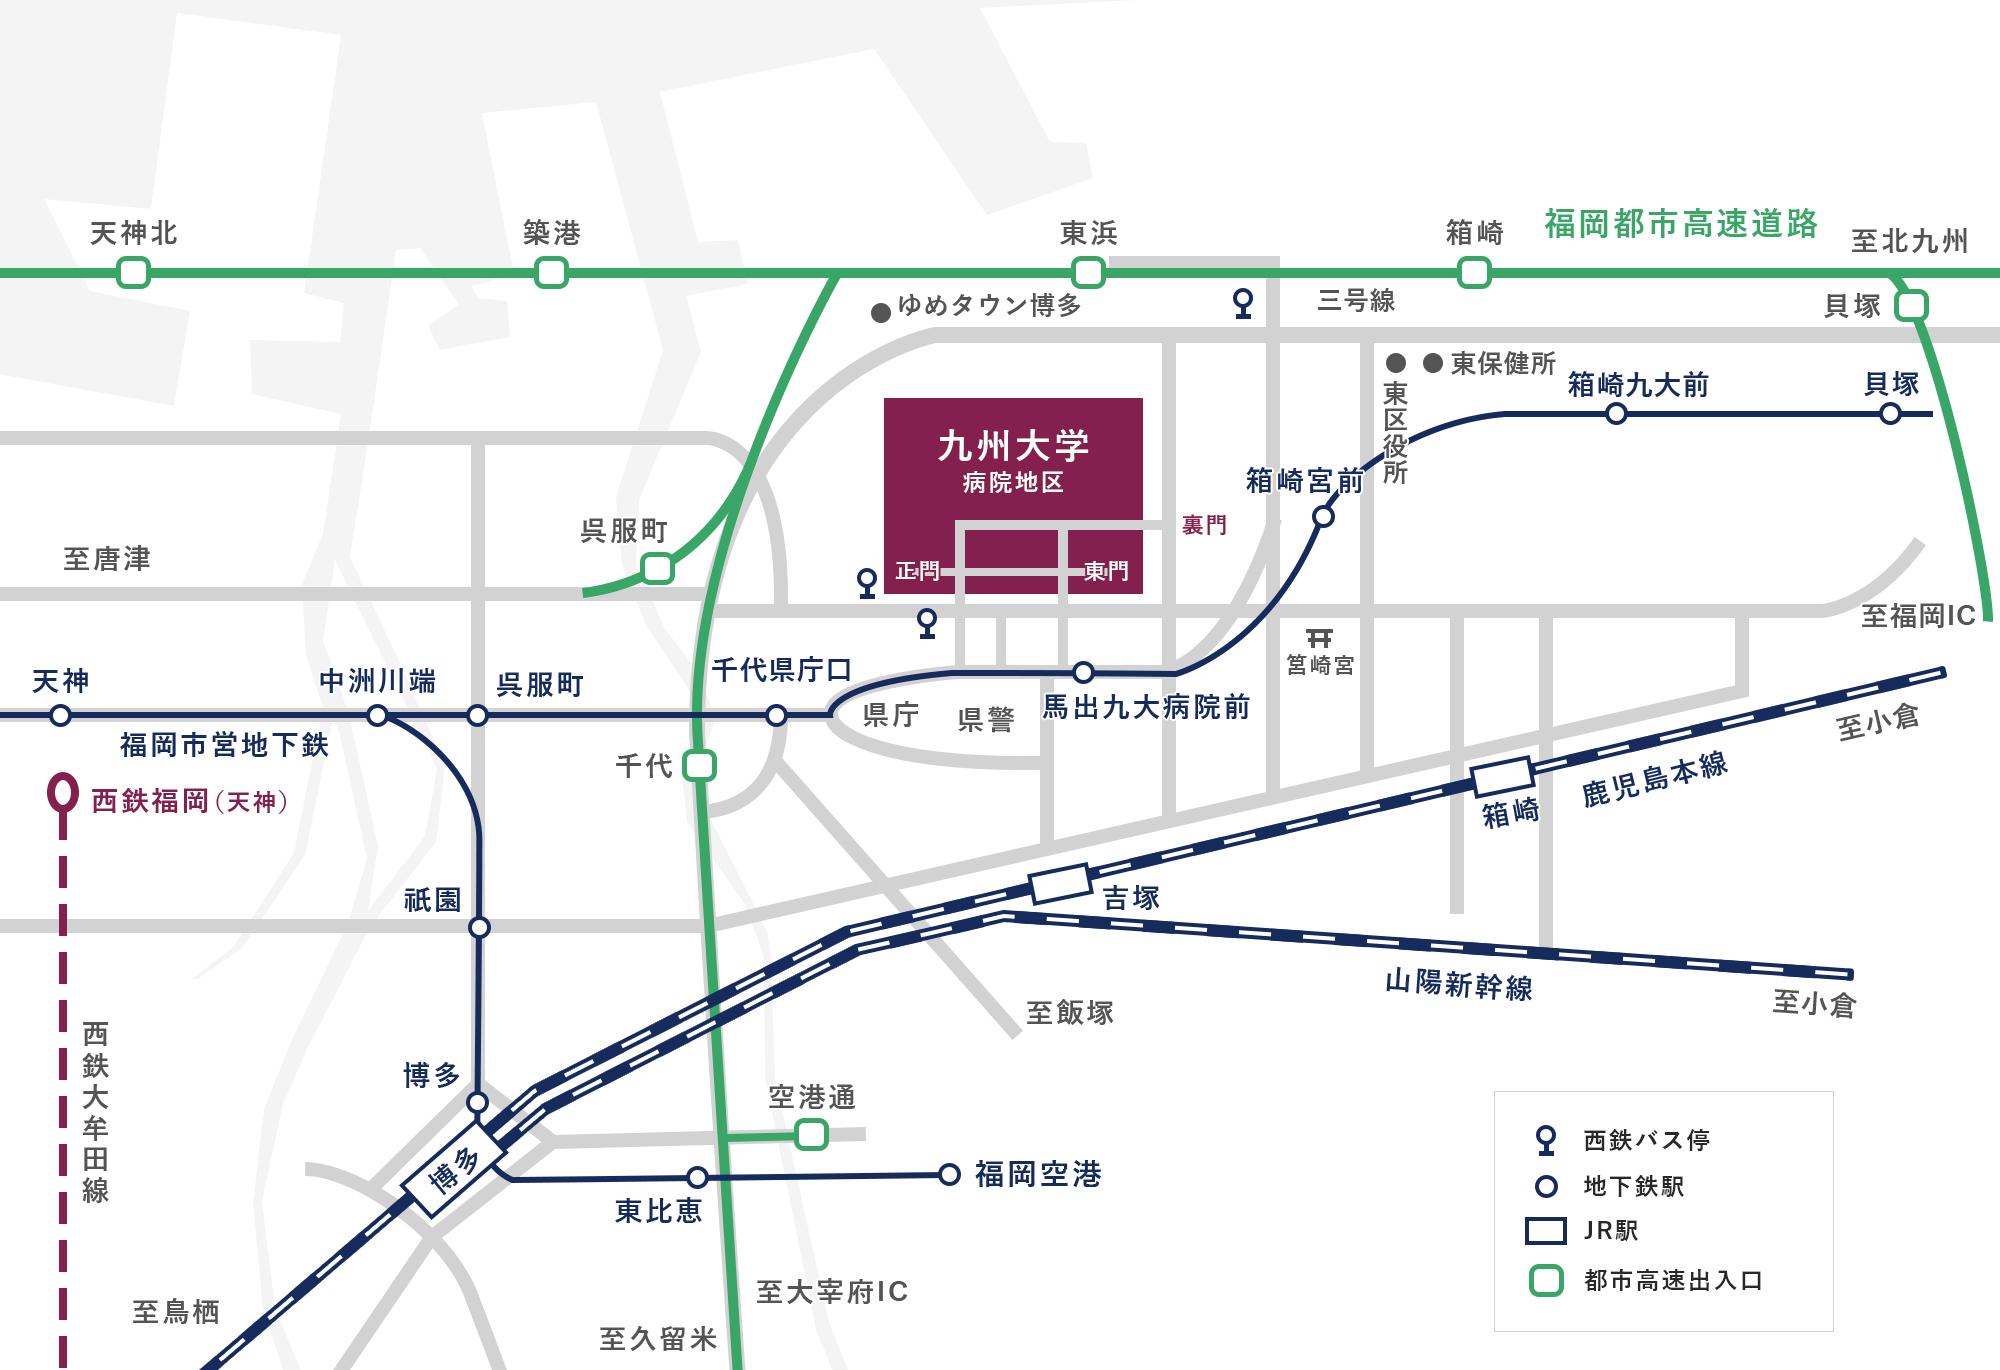 馬出九大病院キャンパス地図